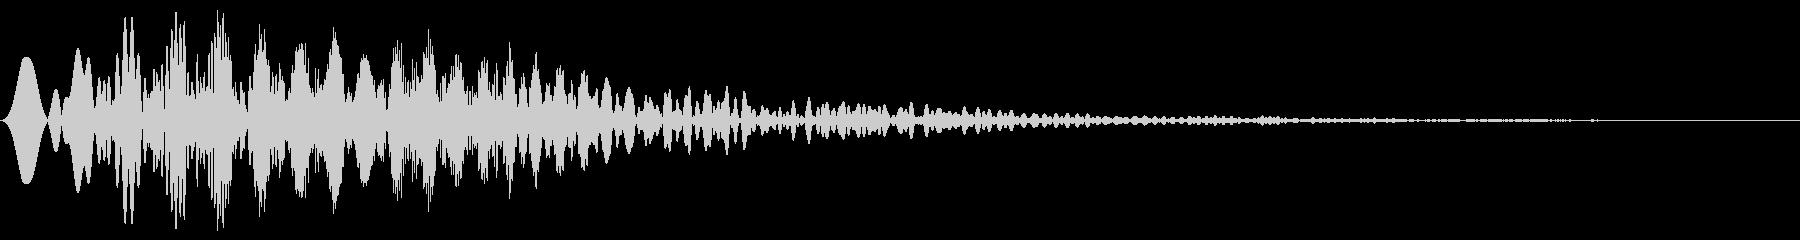 カーソル・決定・キャンセル音 「ピュイ」の未再生の波形